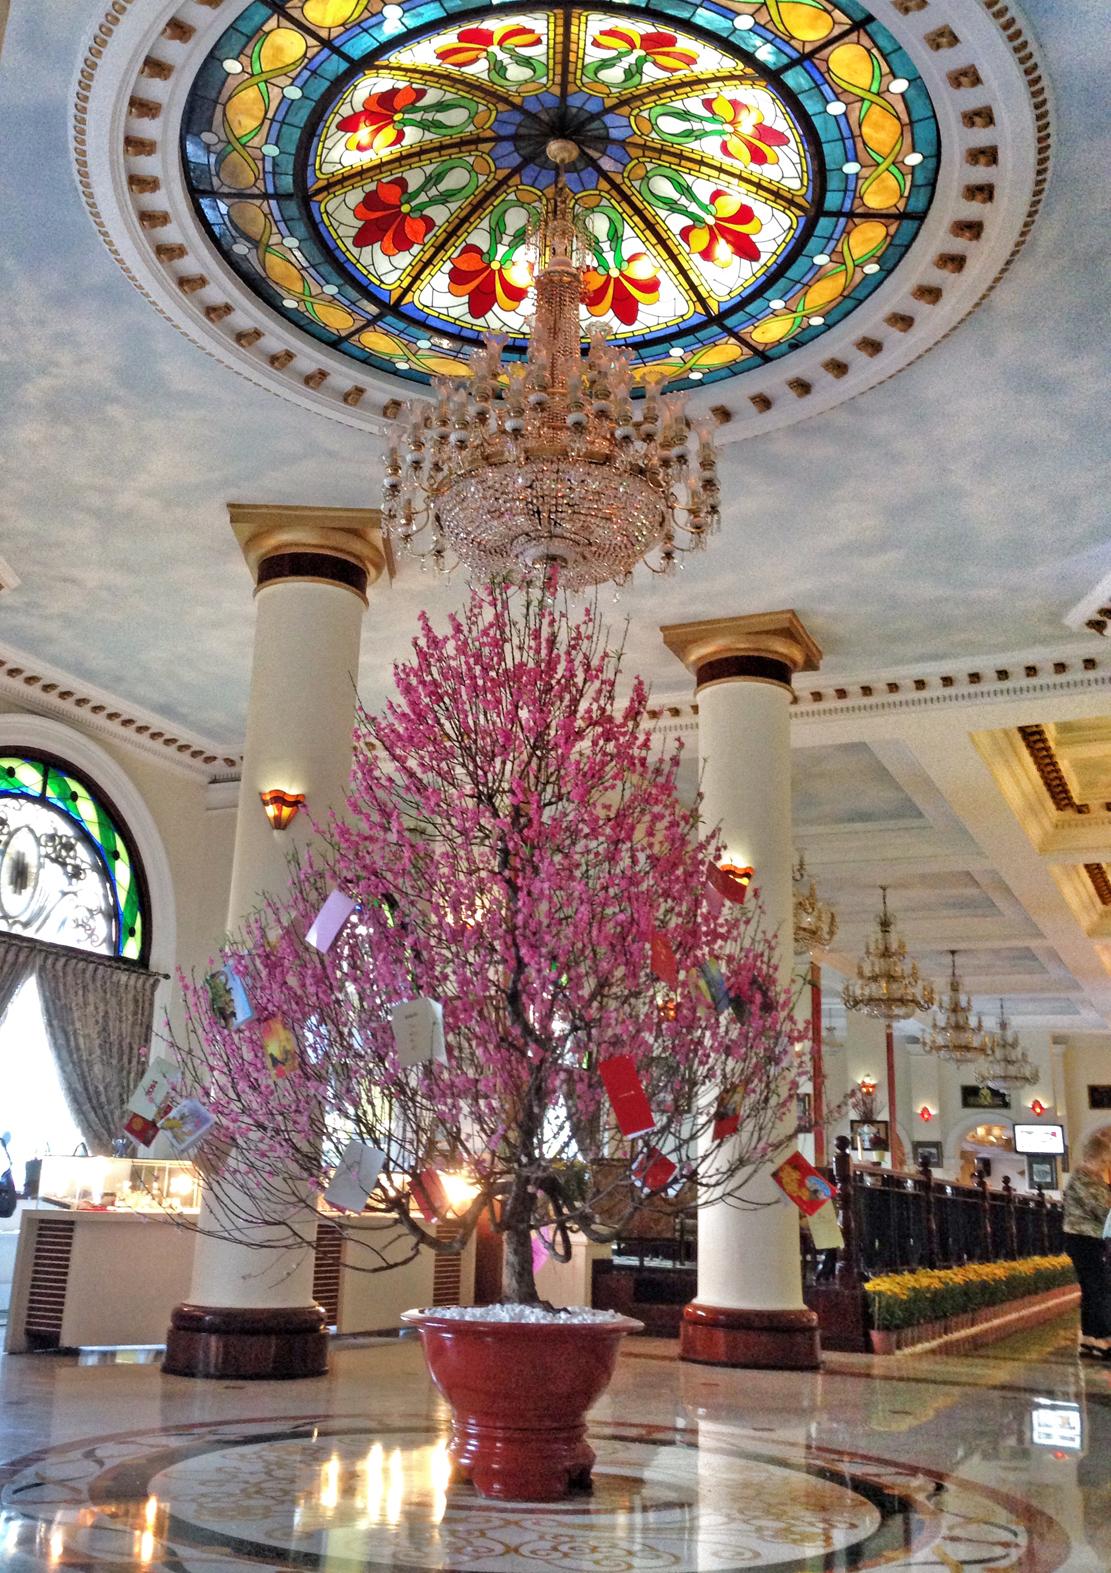 Lobbyen på hotel Majestic med et rosa nyttårtre med gode ønsker i midten. Detet var i feburar, i forbindelse med kinesisk nyttår.